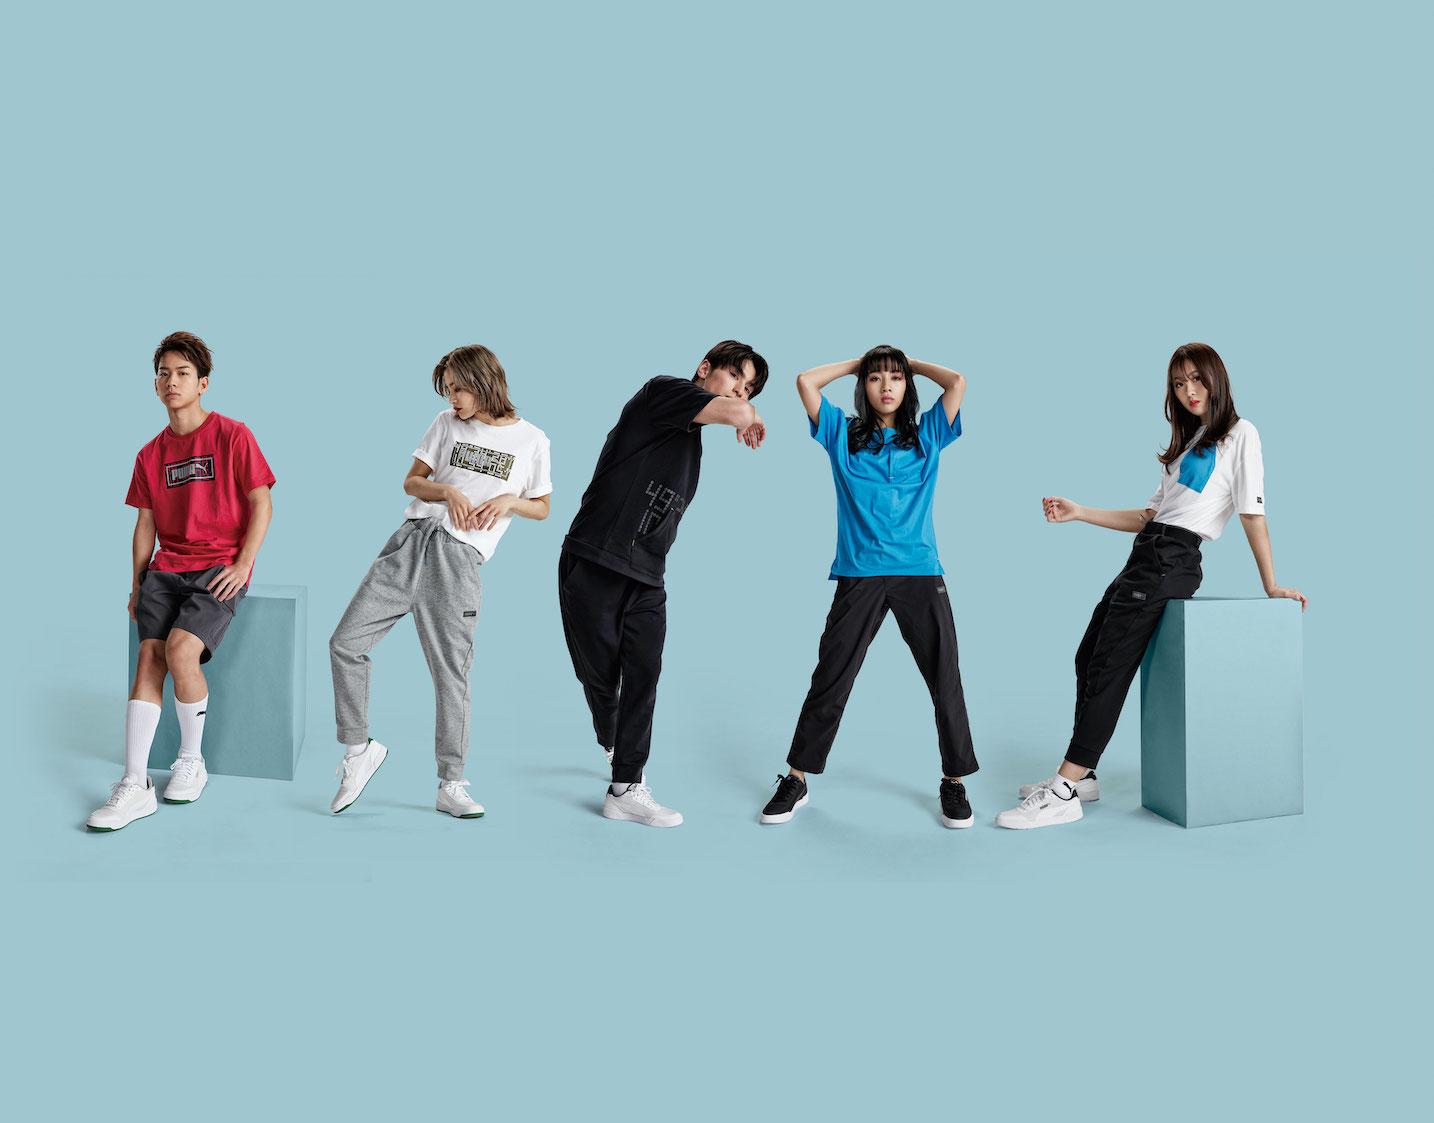 ダンス&ヴォーカルグループ「lol」 が着こなす、PUMA「STYLE PLUS」発売